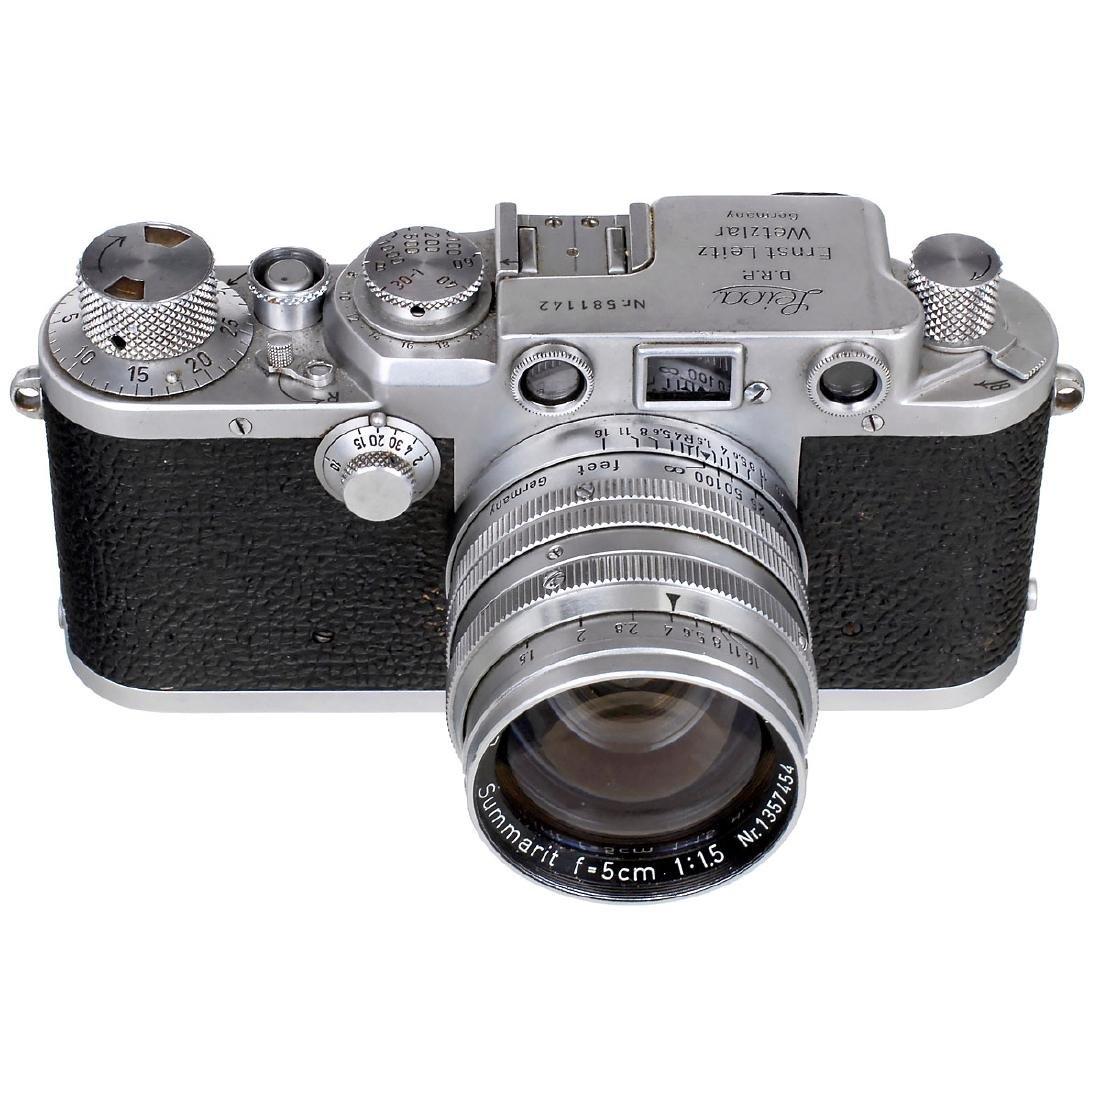 Leica IIIf with Summarit 1,5/5 cm, 1951